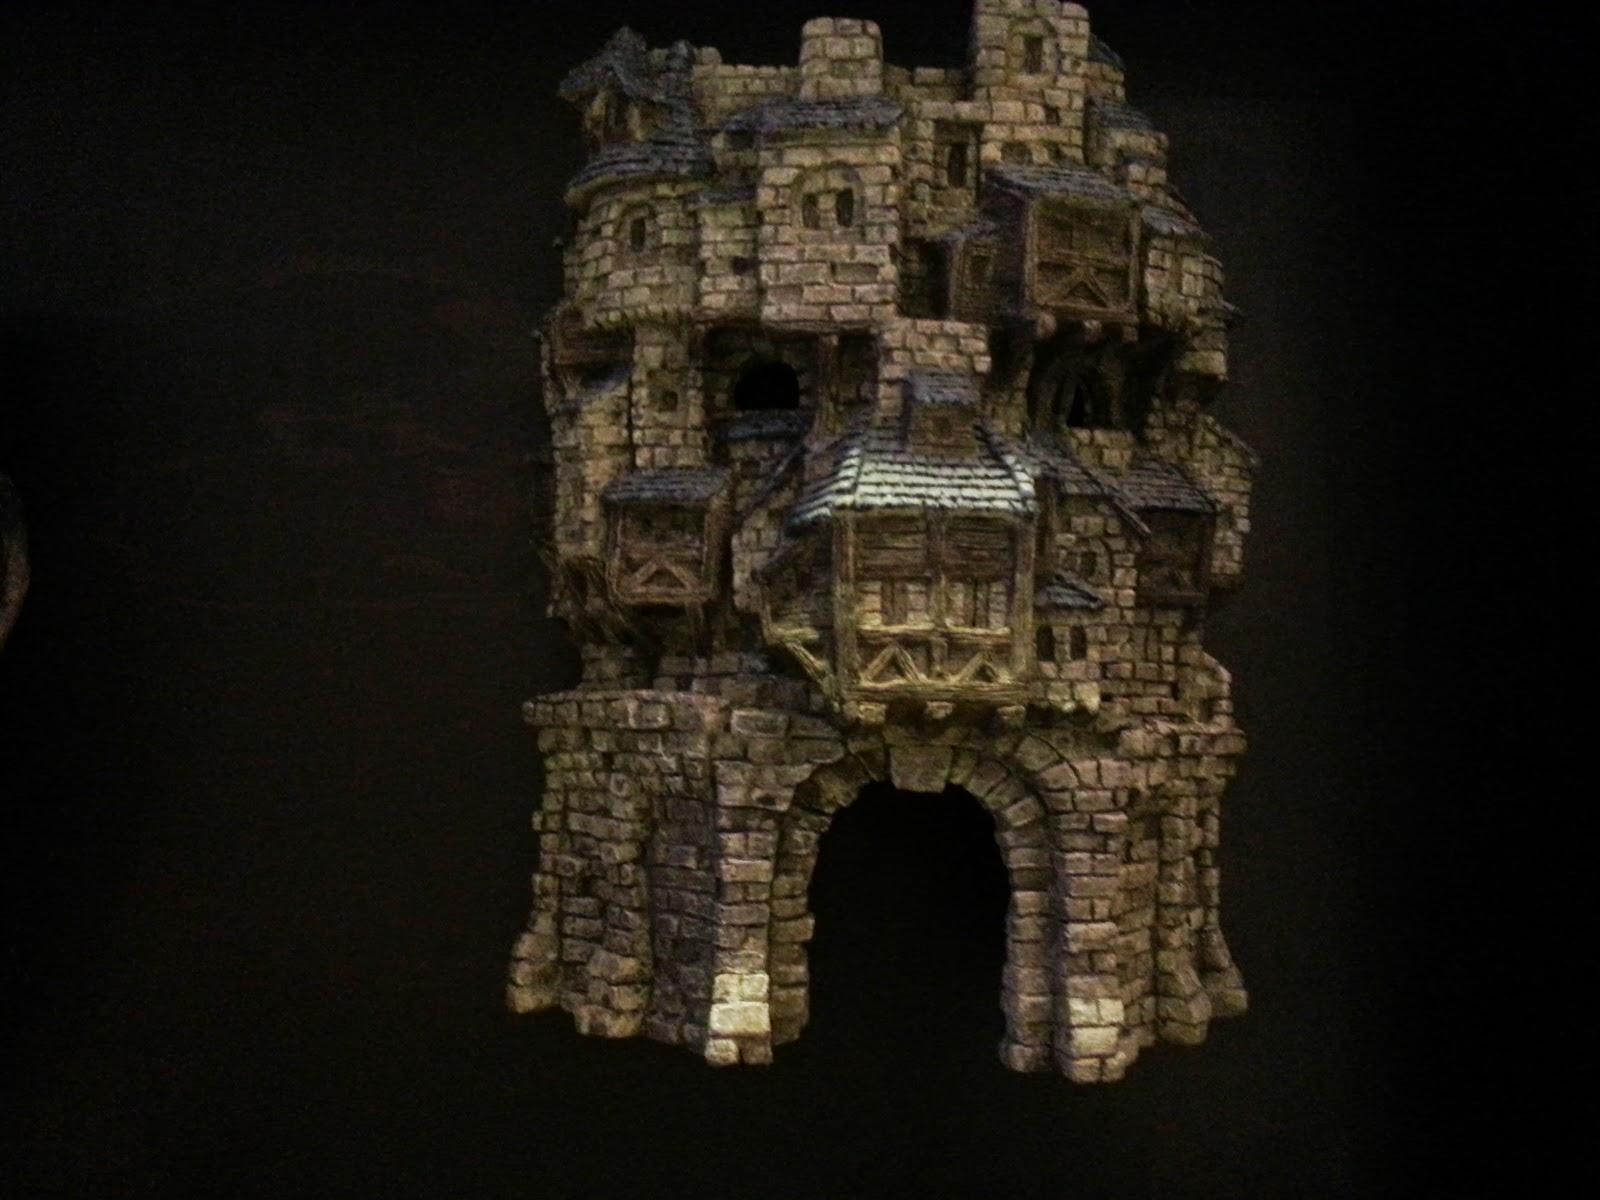 Brick wall? brick mask? at the Fantasy exhibition